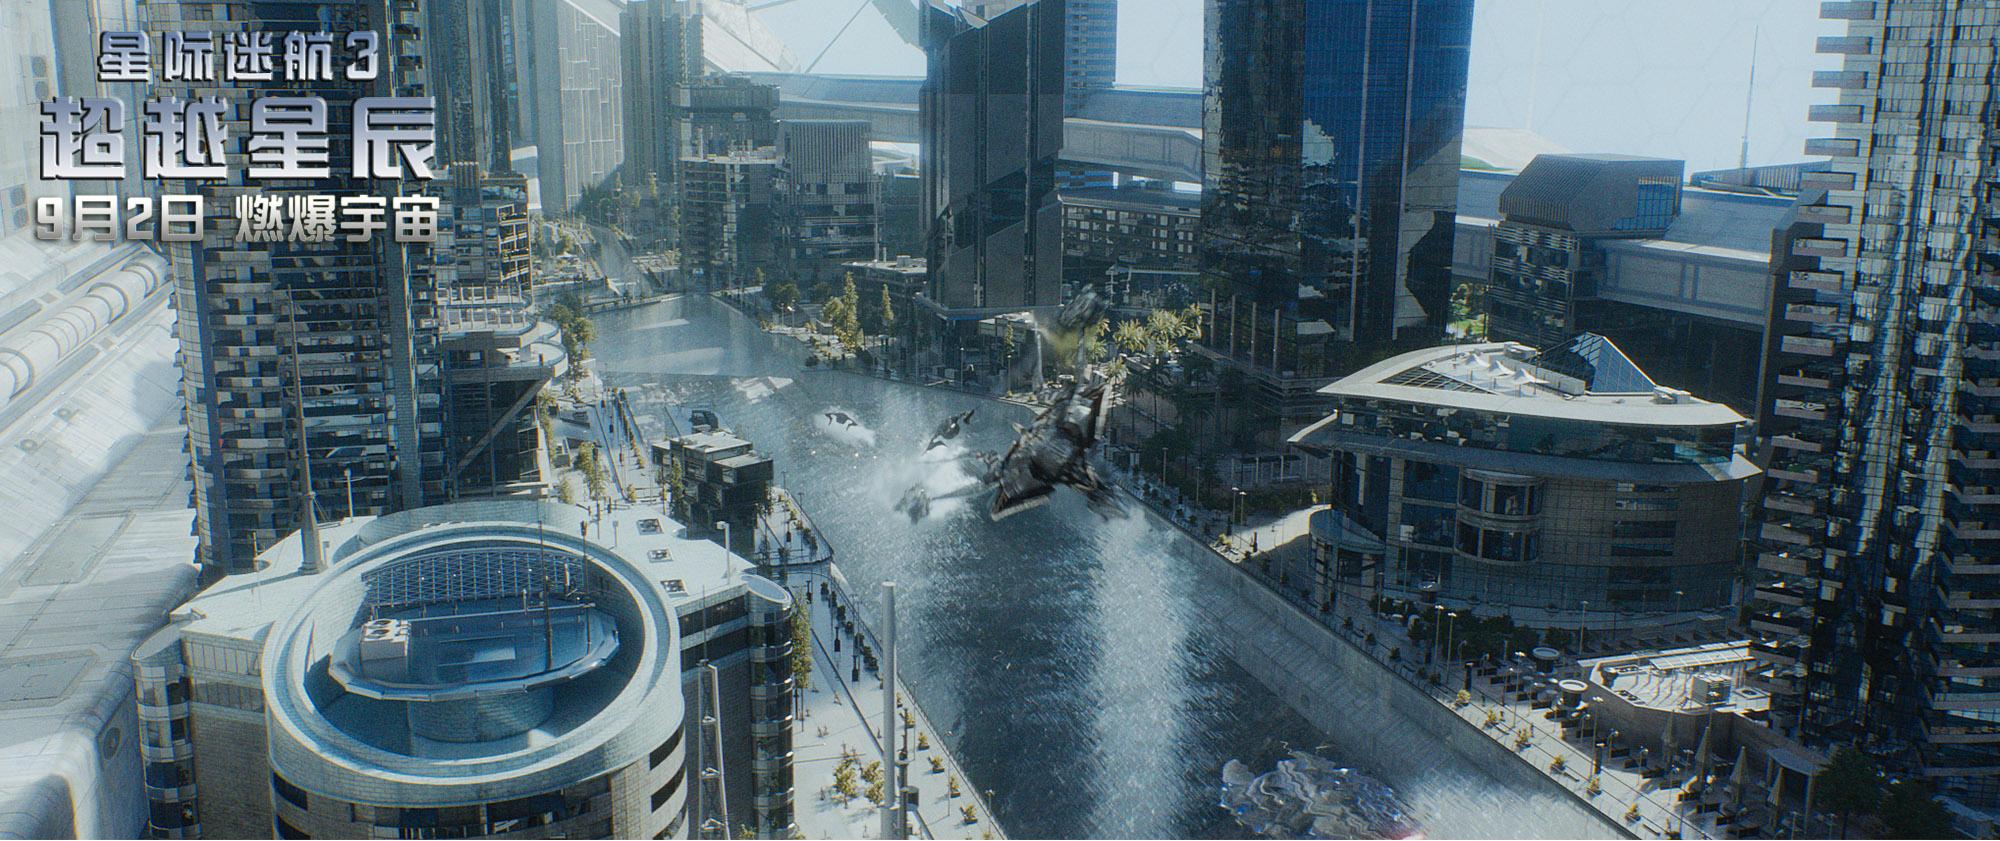 《星际迷航3》曝终极海报 星舰太空追逐刺激上演